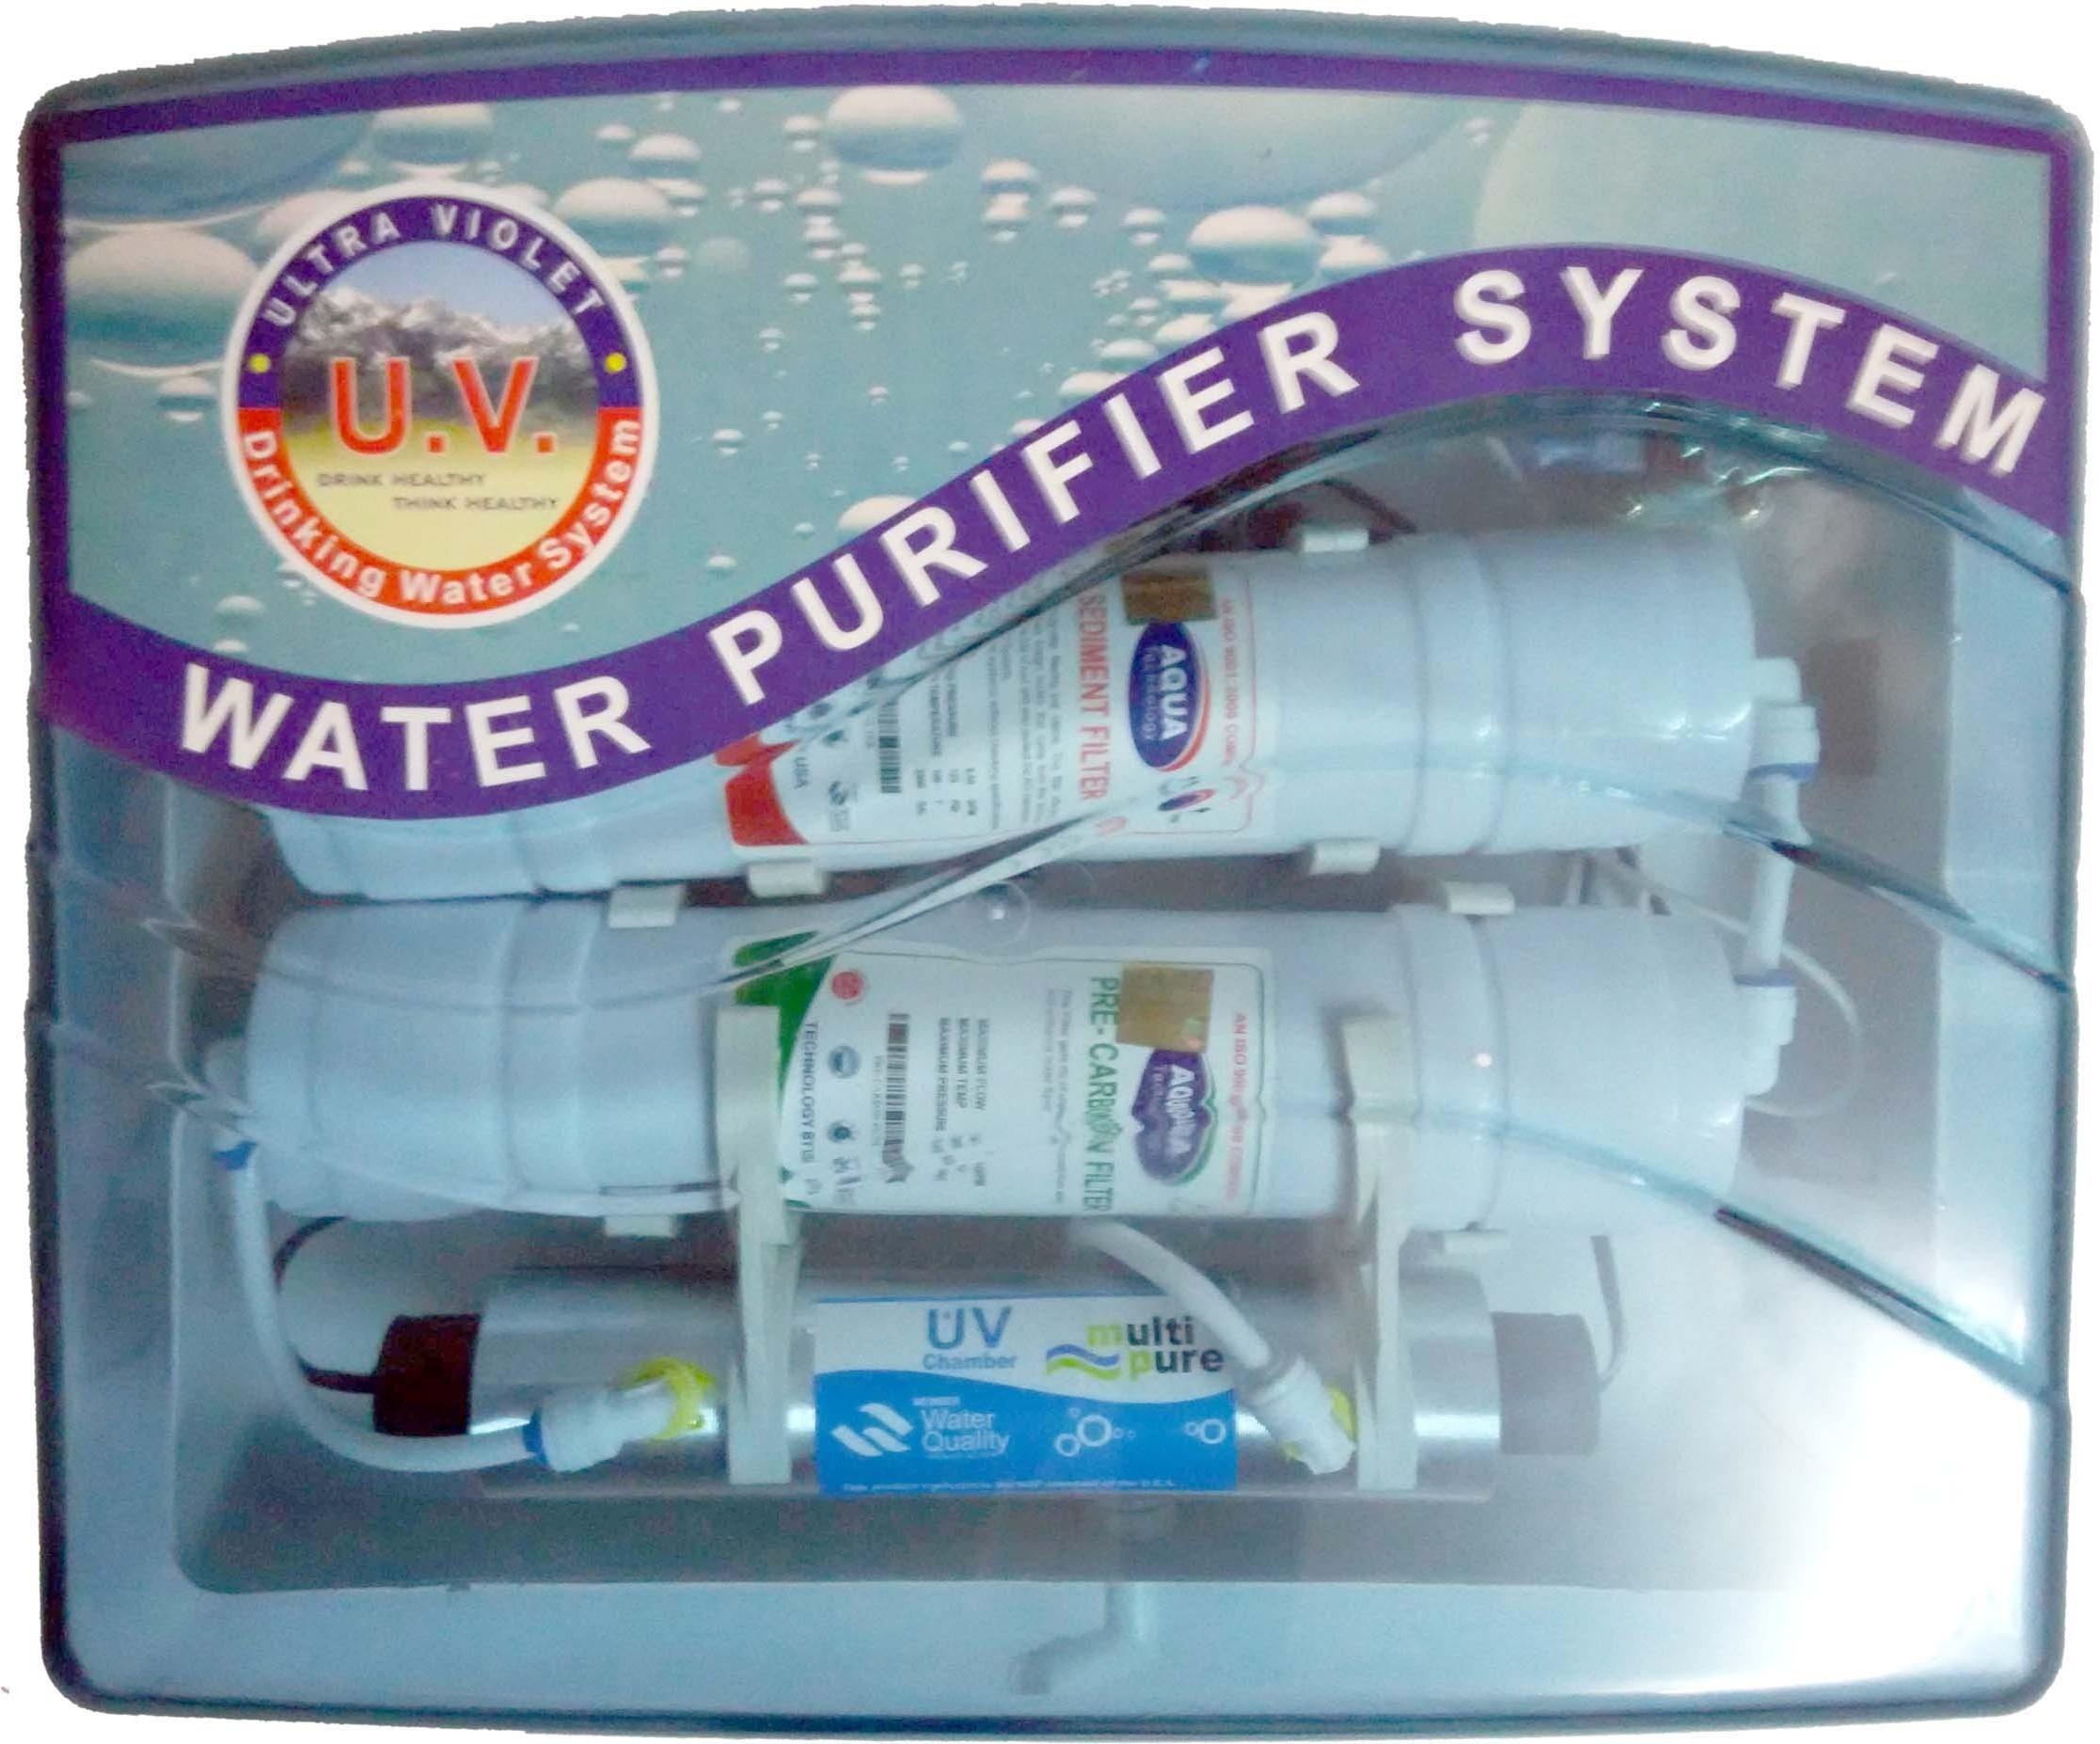 Aquafresh 4 Stage 50 L UV Water Purifier